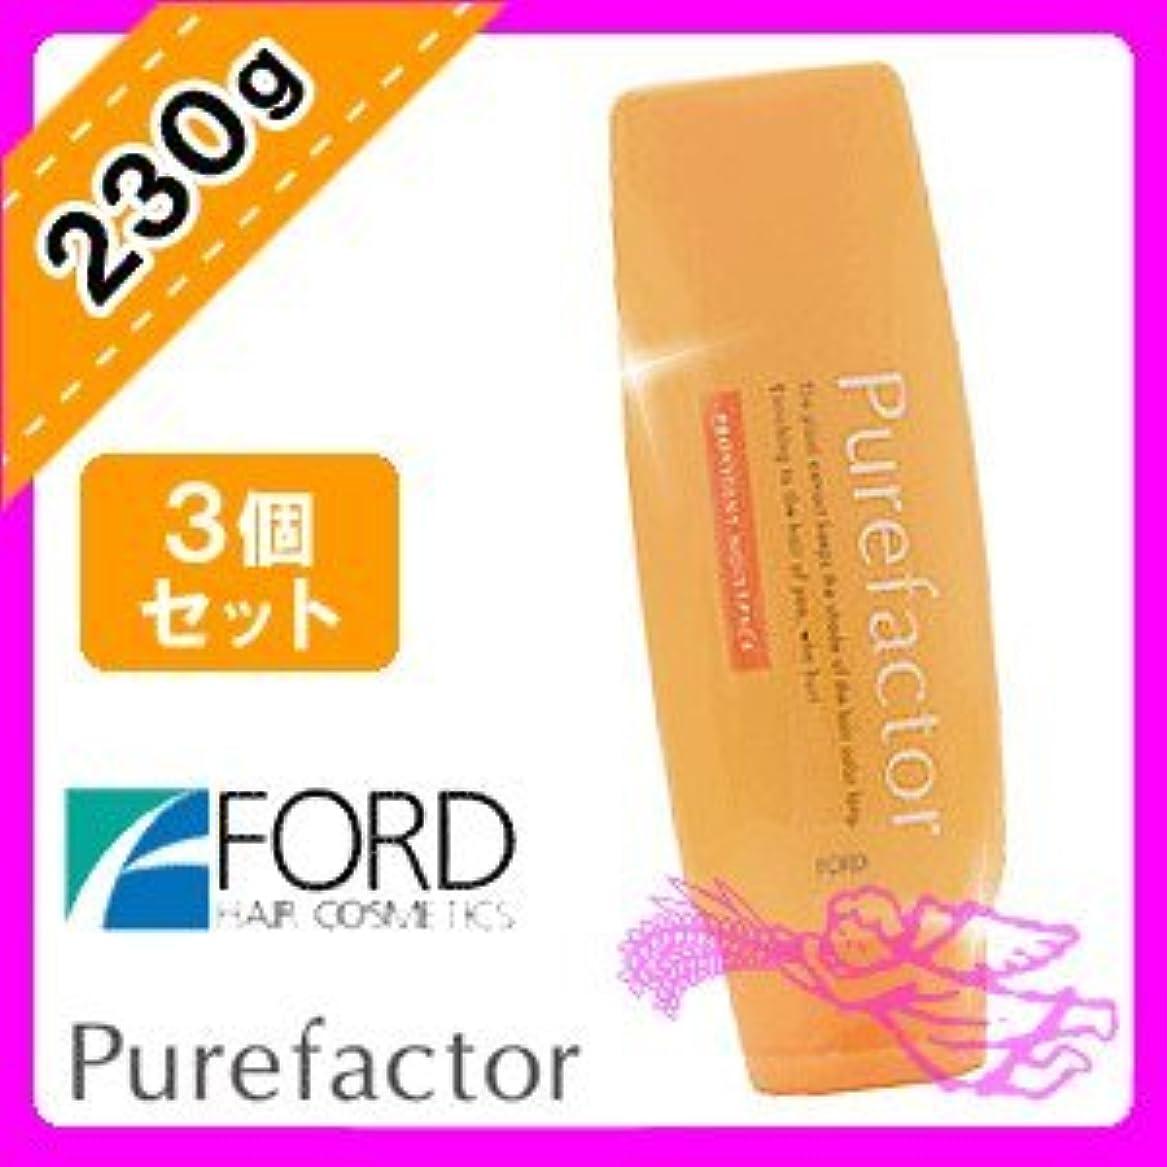 前投薬必要コンプリートフォード ピュアファクター モイストパック 230g ×3個 セット FORD Pure factor